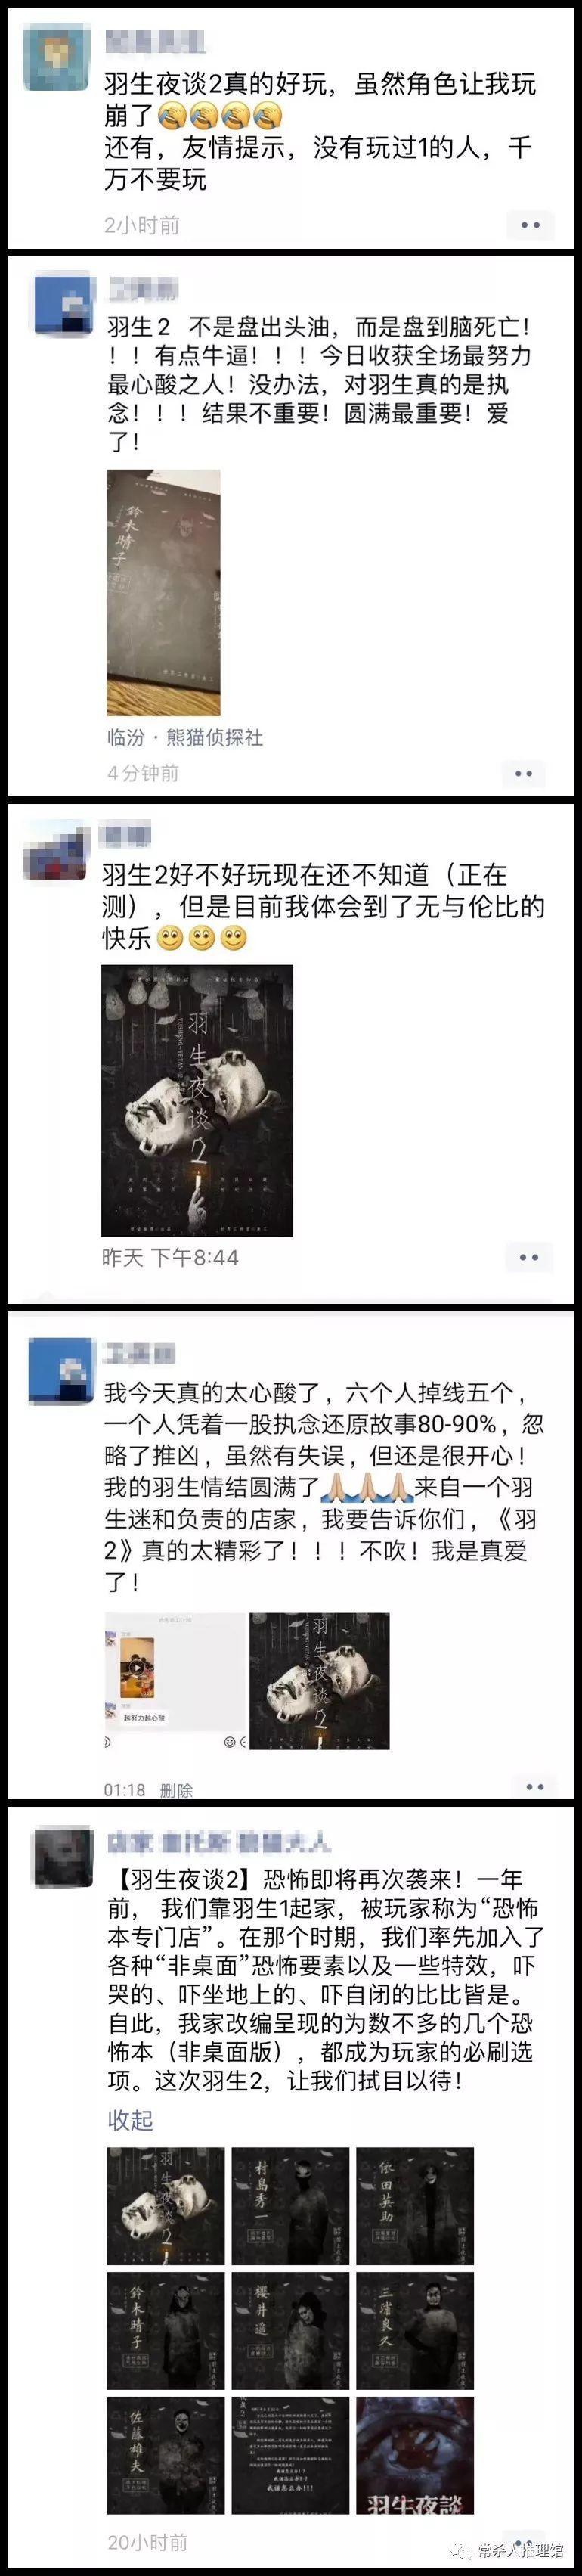 6人本《羽生夜谈2》剧本杀线索复盘真相剧透结局真凶手是谁?%-site_name